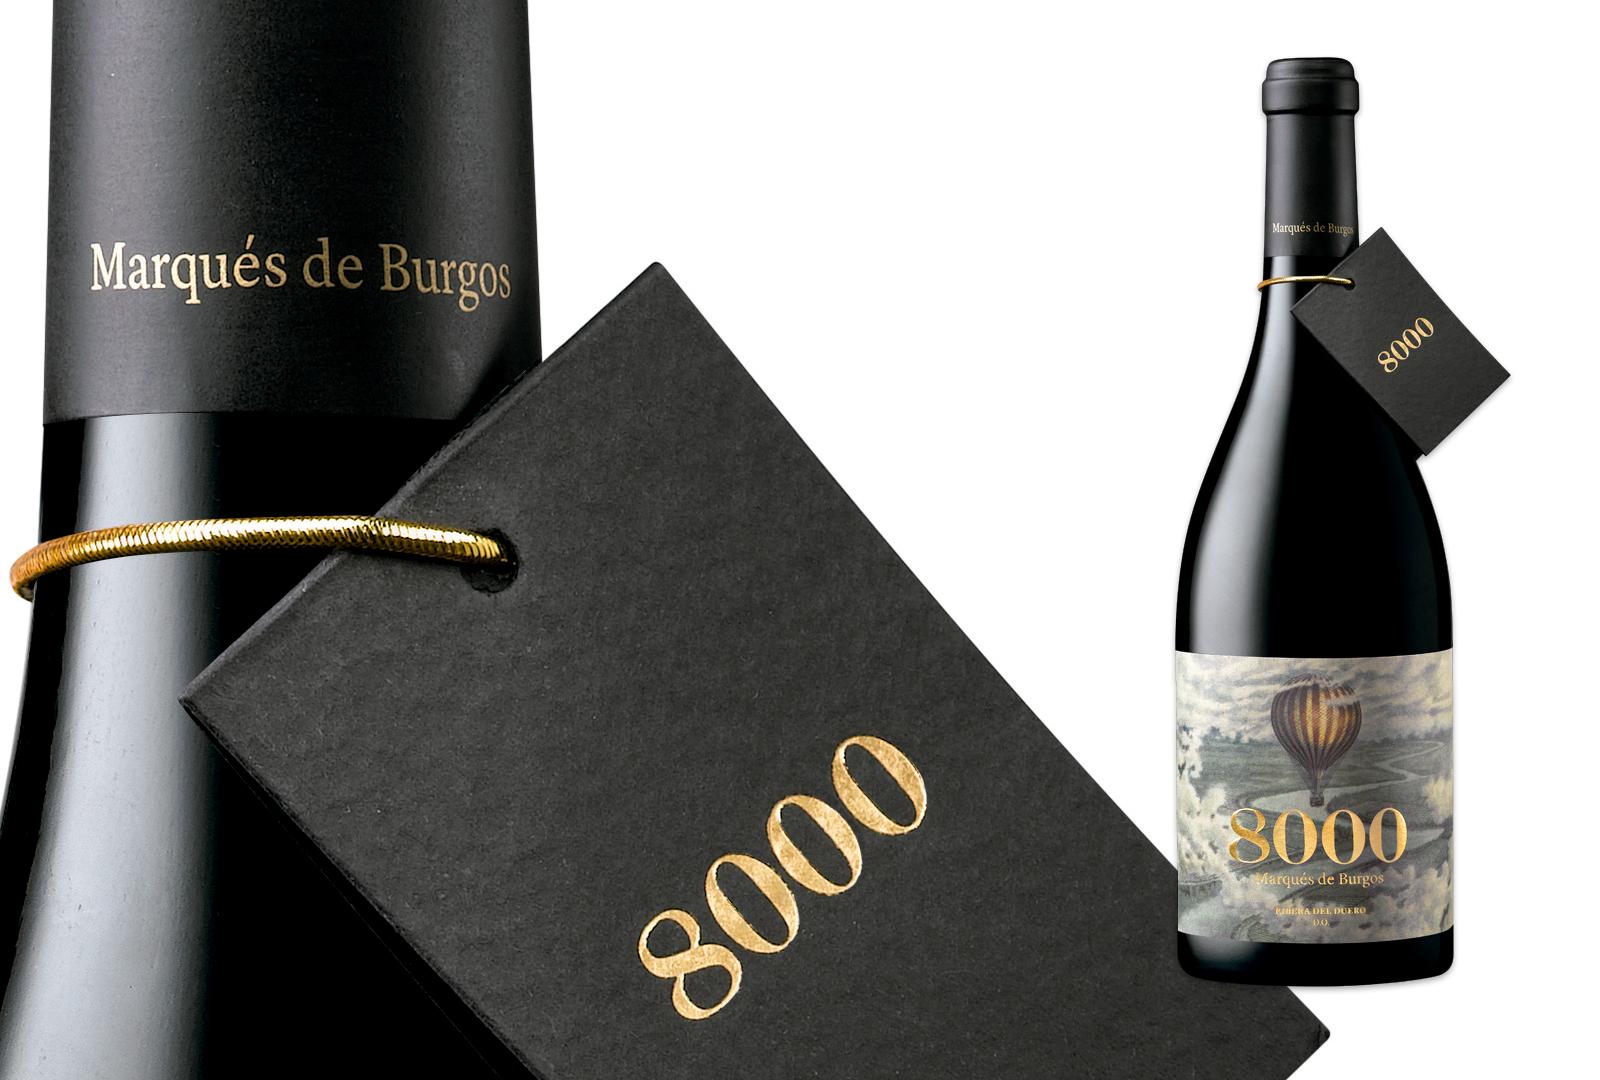 8000, el vino más singular de Marqués de Burgos.